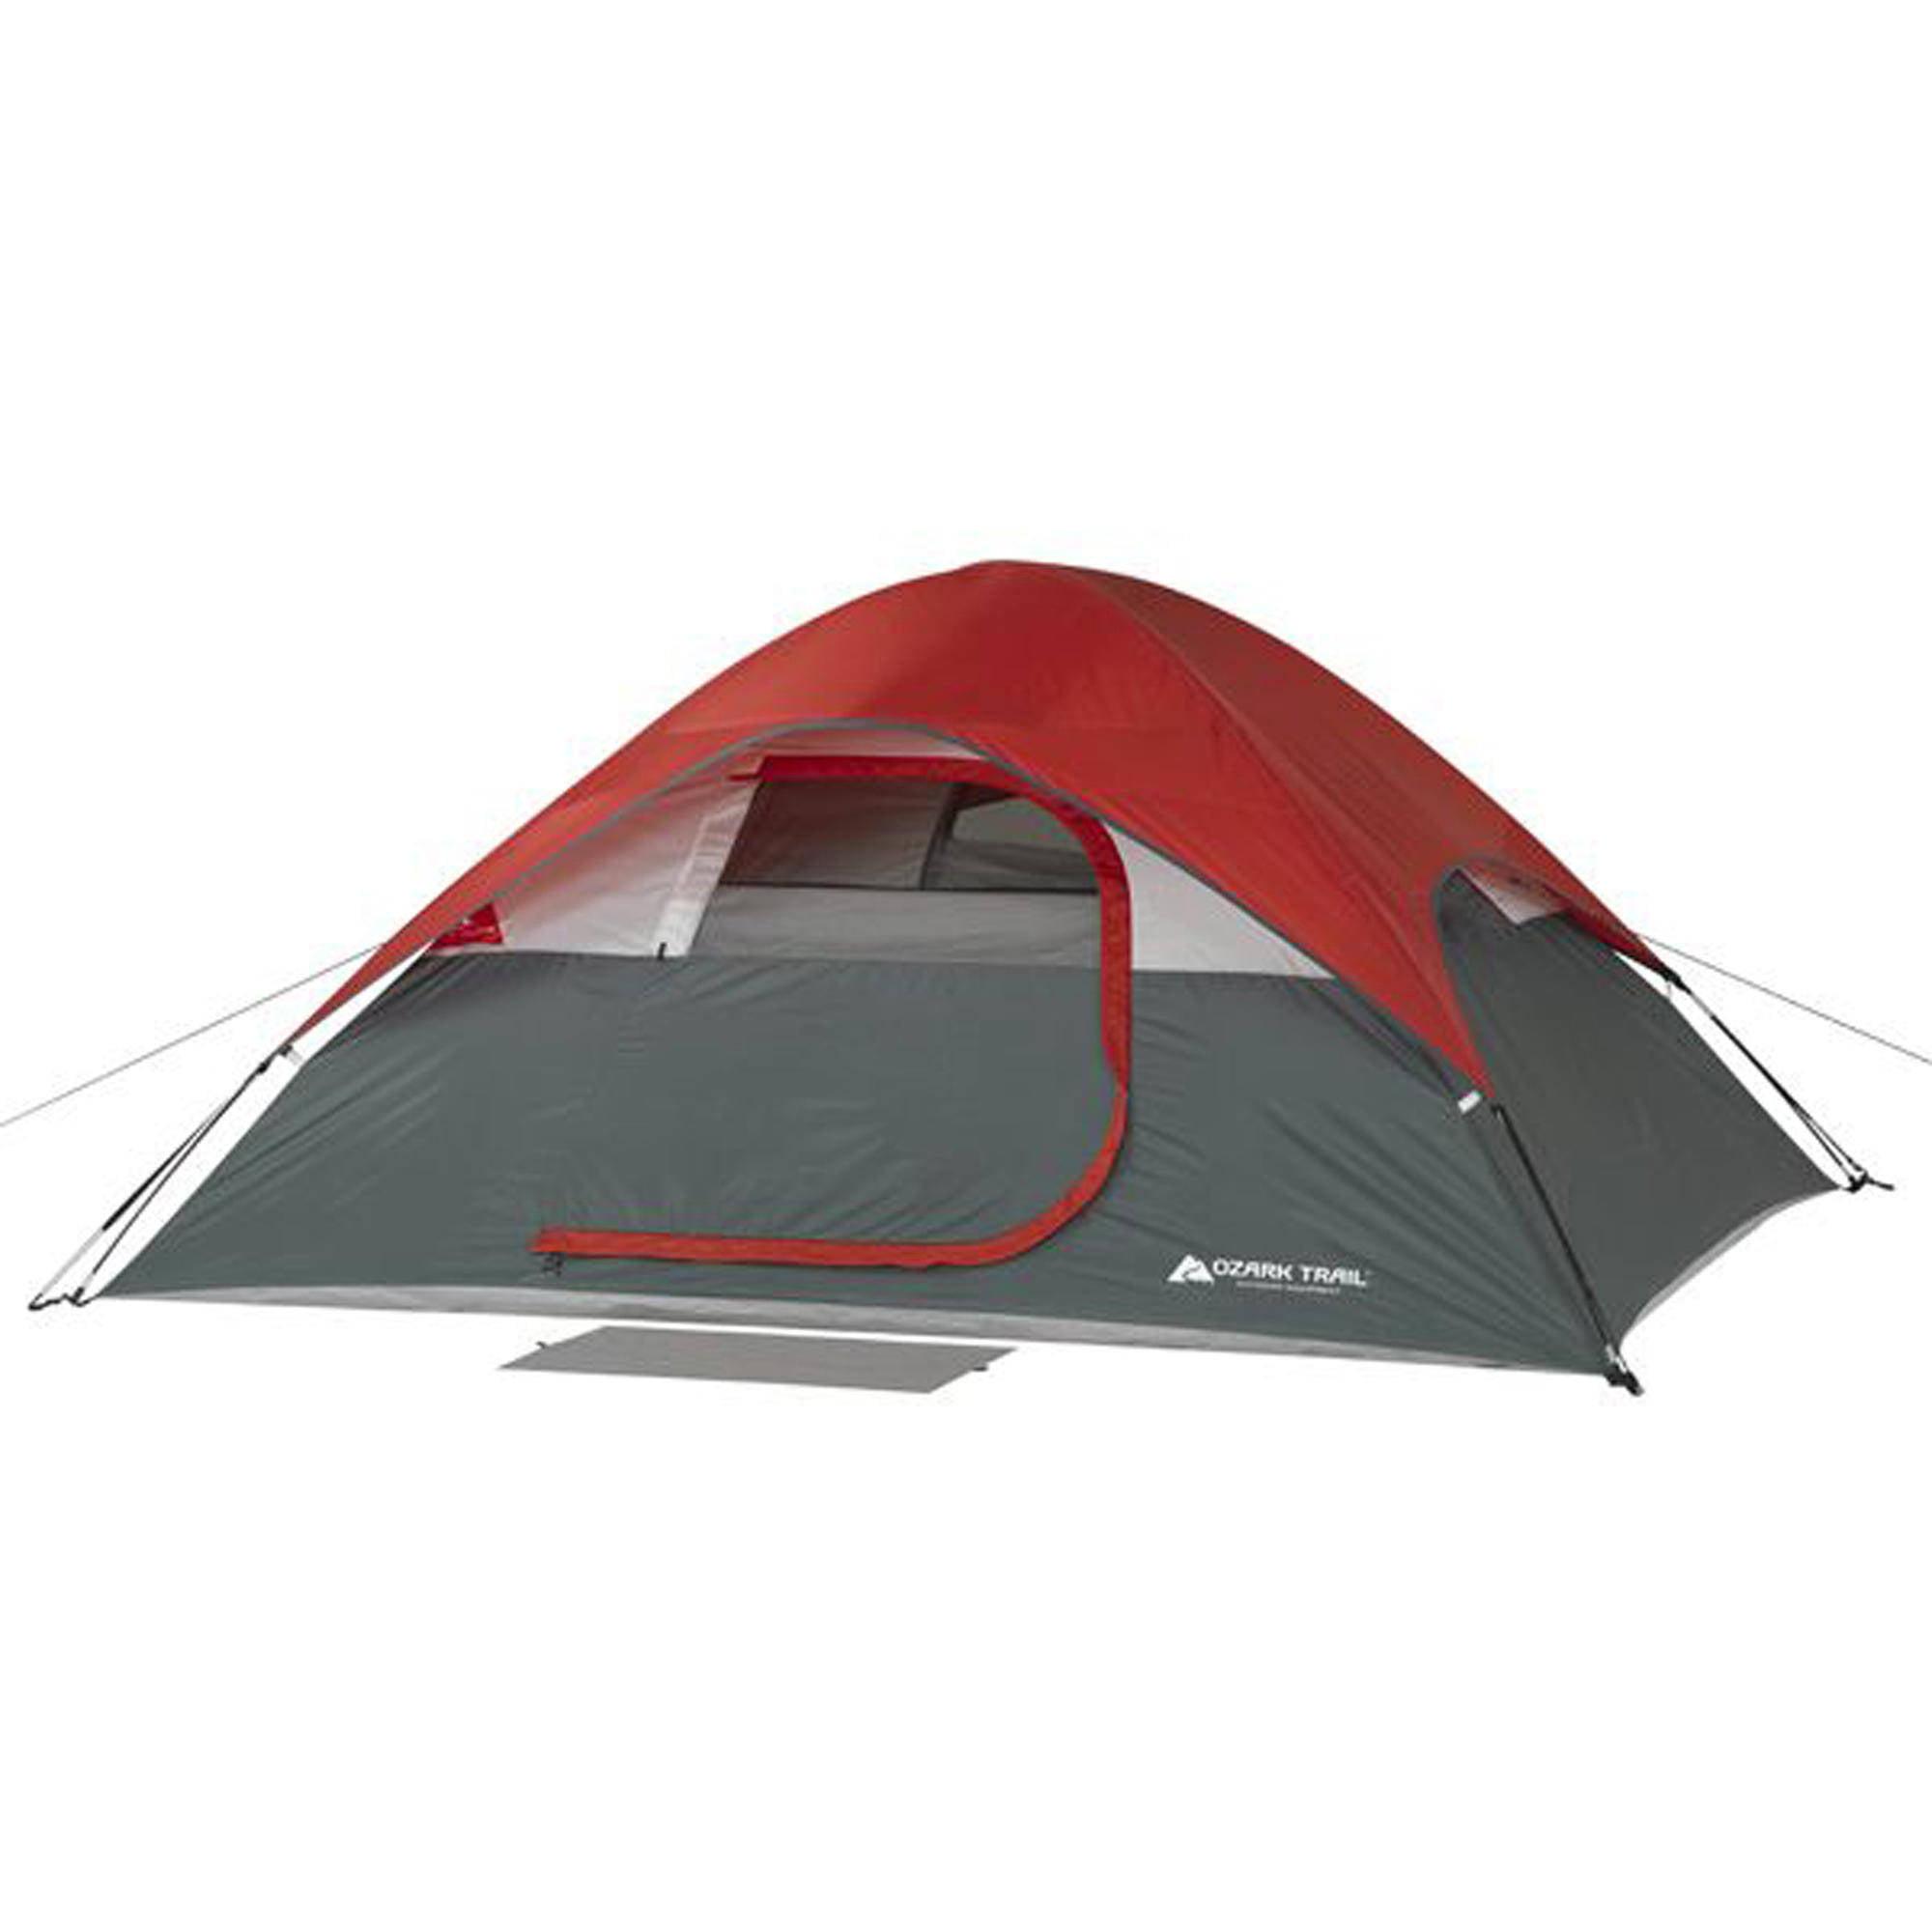 sc 1 st  Walmart & Ozark Trail 4-Person Dome Privacy Tent - Walmart.com